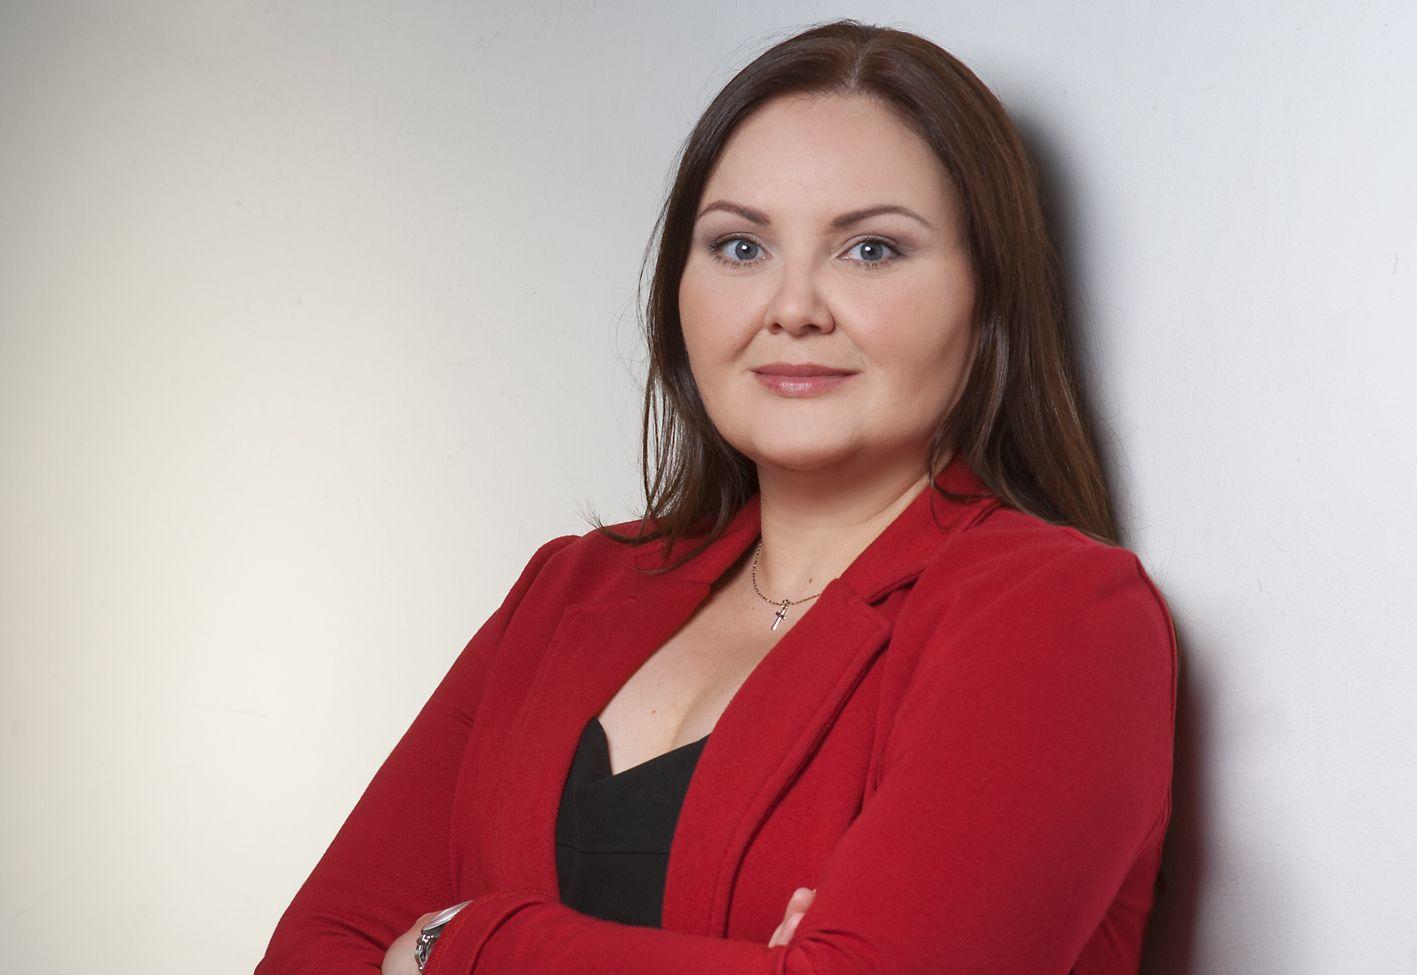 Ansprechpartnerin für das Personalmanagement Valentina Strecker